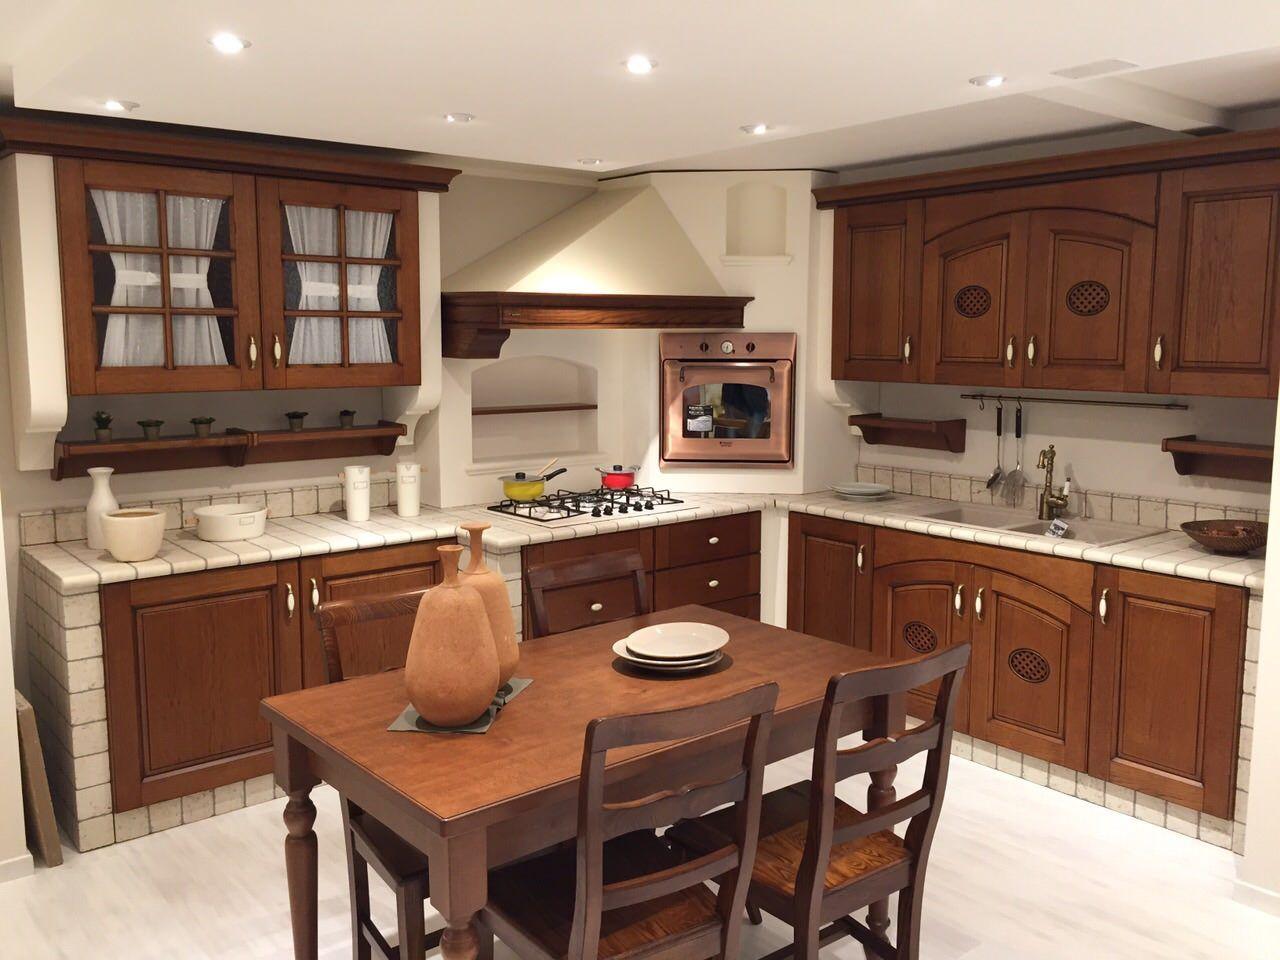 Forno Cucina In Muratura cucina completa di tavolo